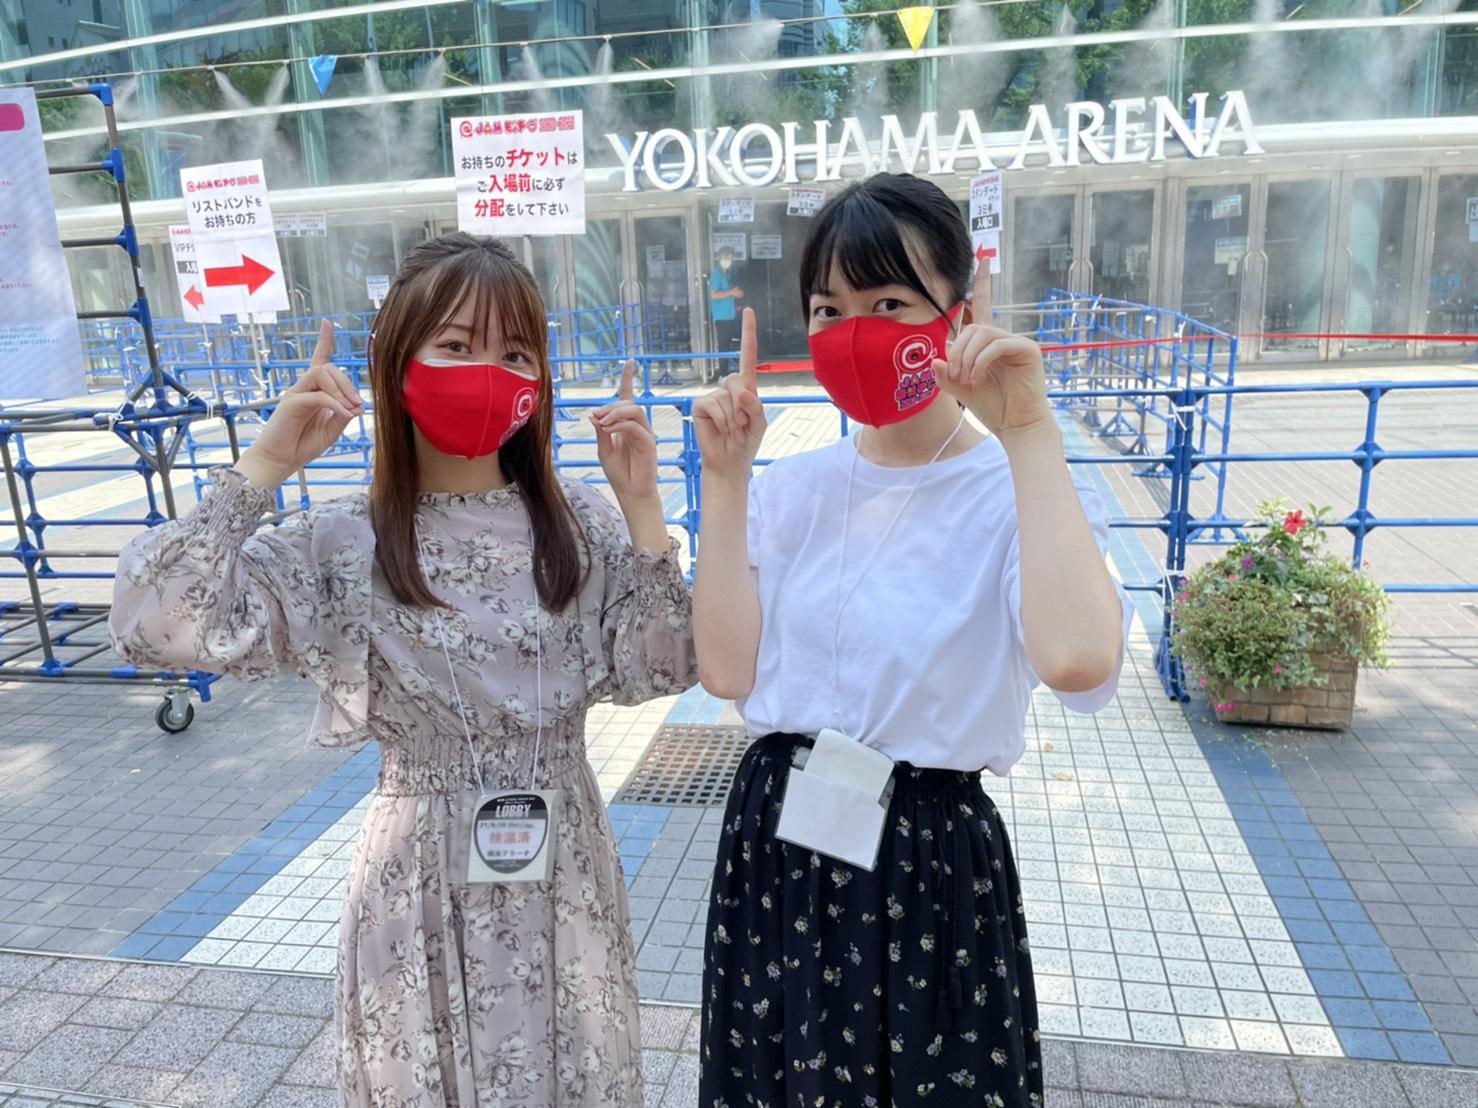 川上理子(京都女子大学))& 小栗あおい(筑波大学)横浜アリーナ @JAM EXPO 2020-2021